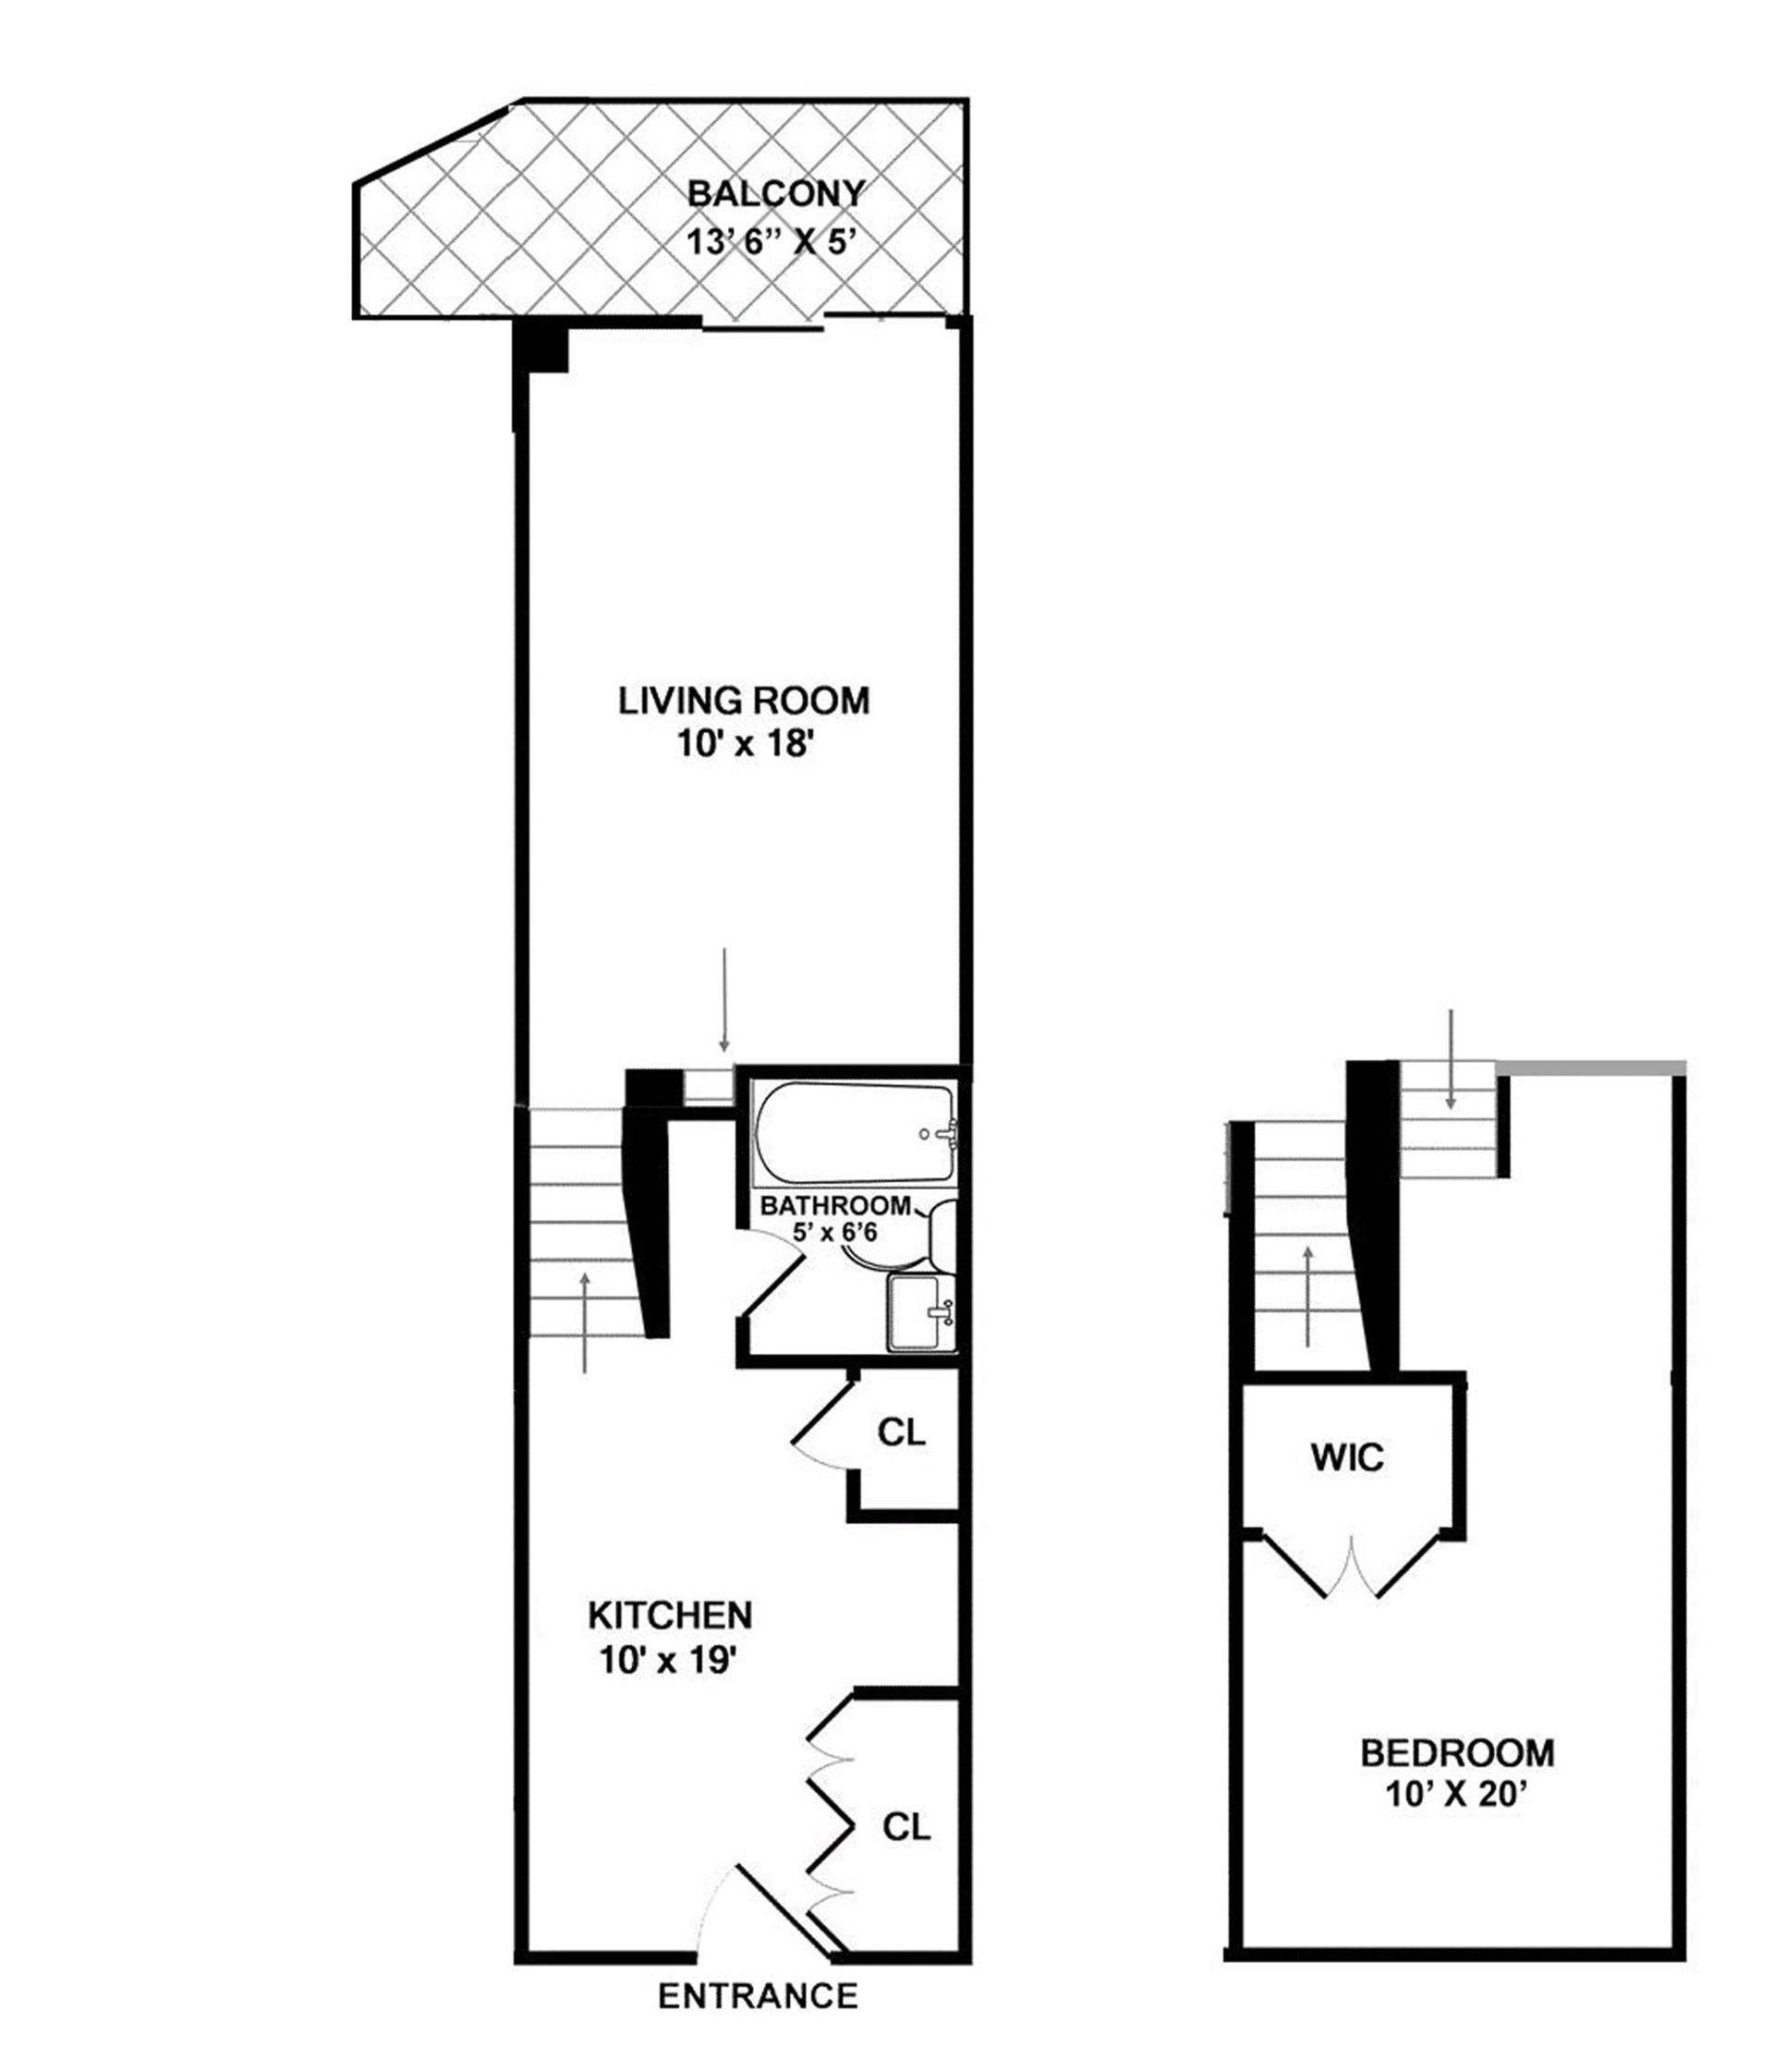 Floor plan of 435 East 86th St, 3B - Upper East Side, New York